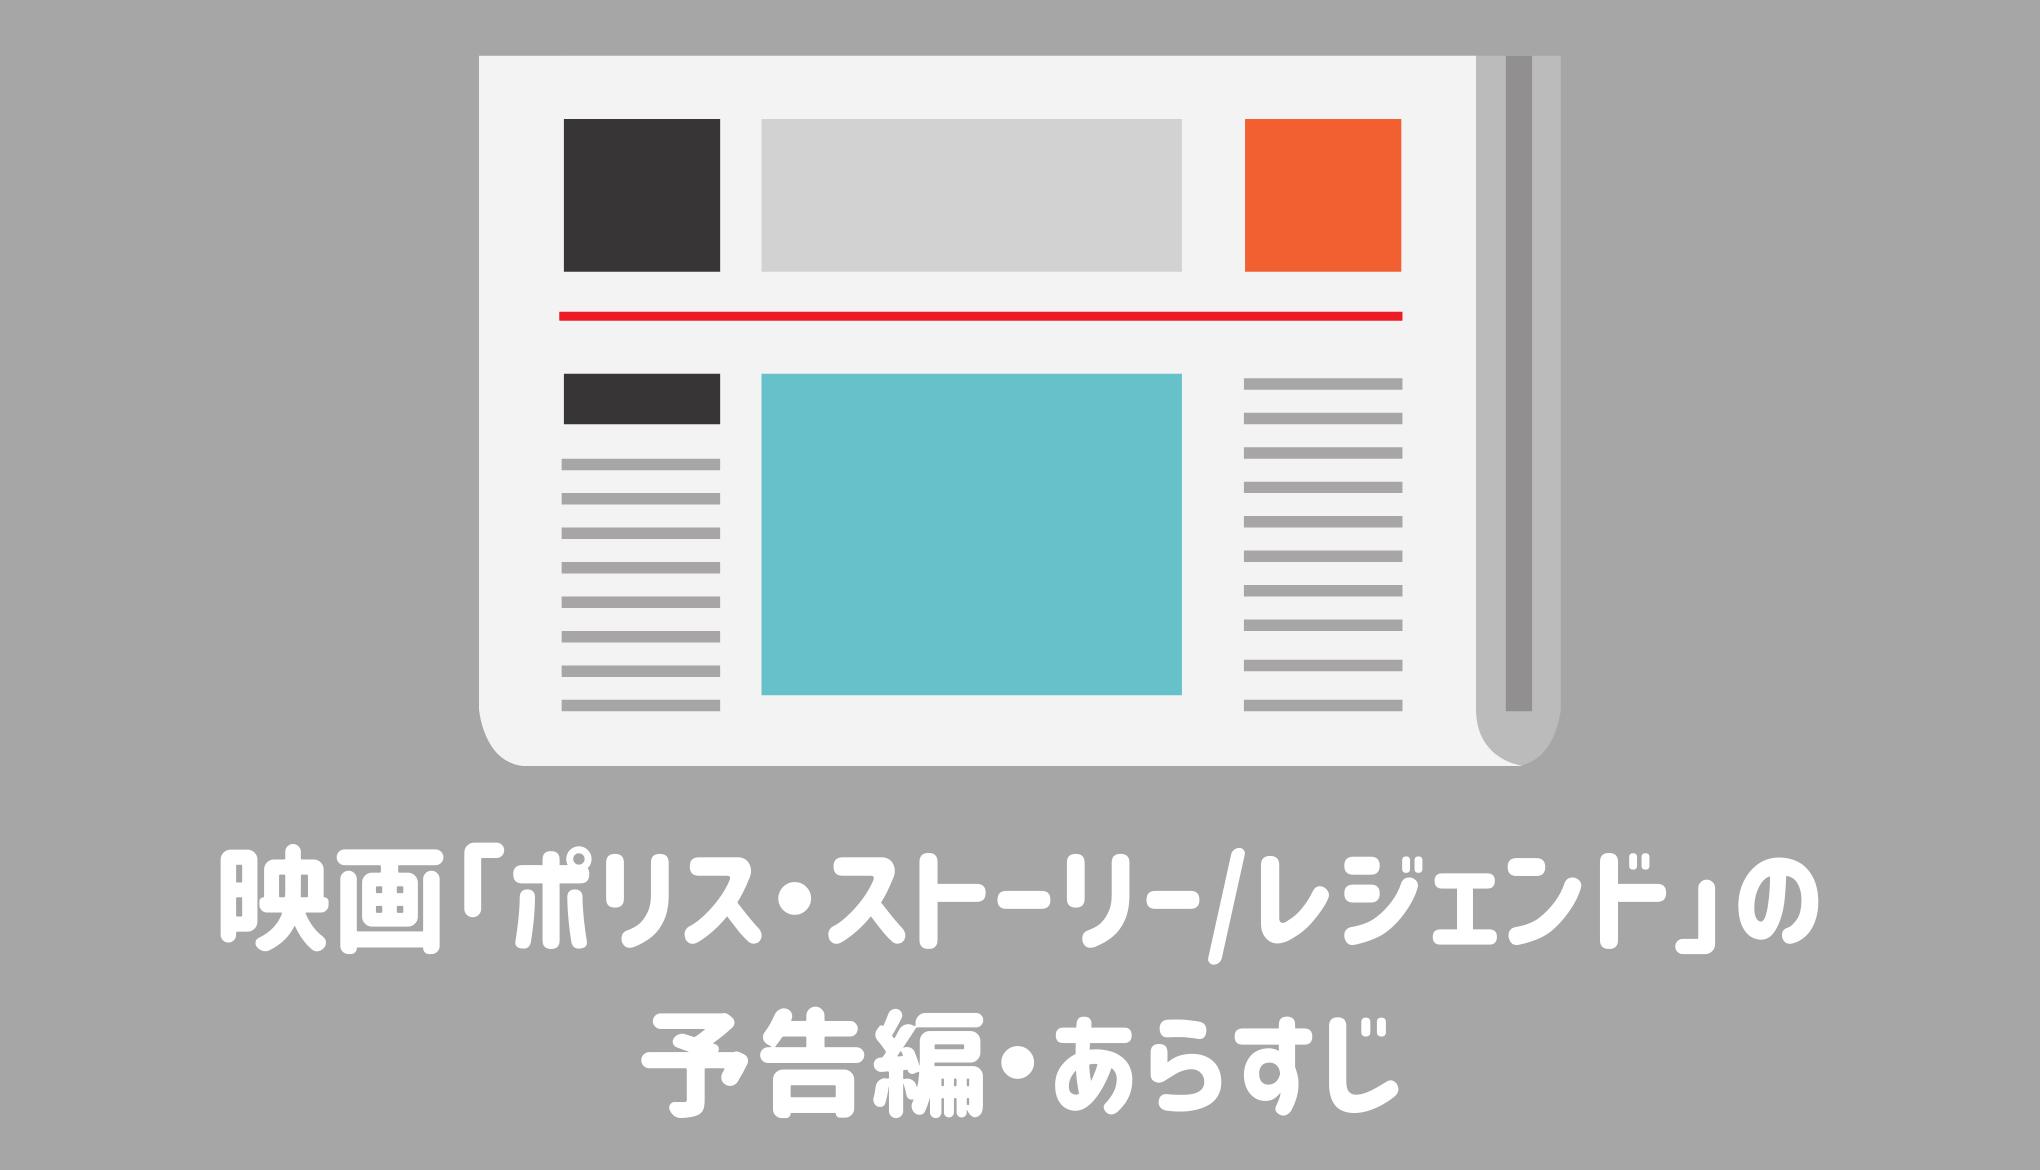 映画「ポリス・ストーリー/レジェンド」の予告編・あらすじ